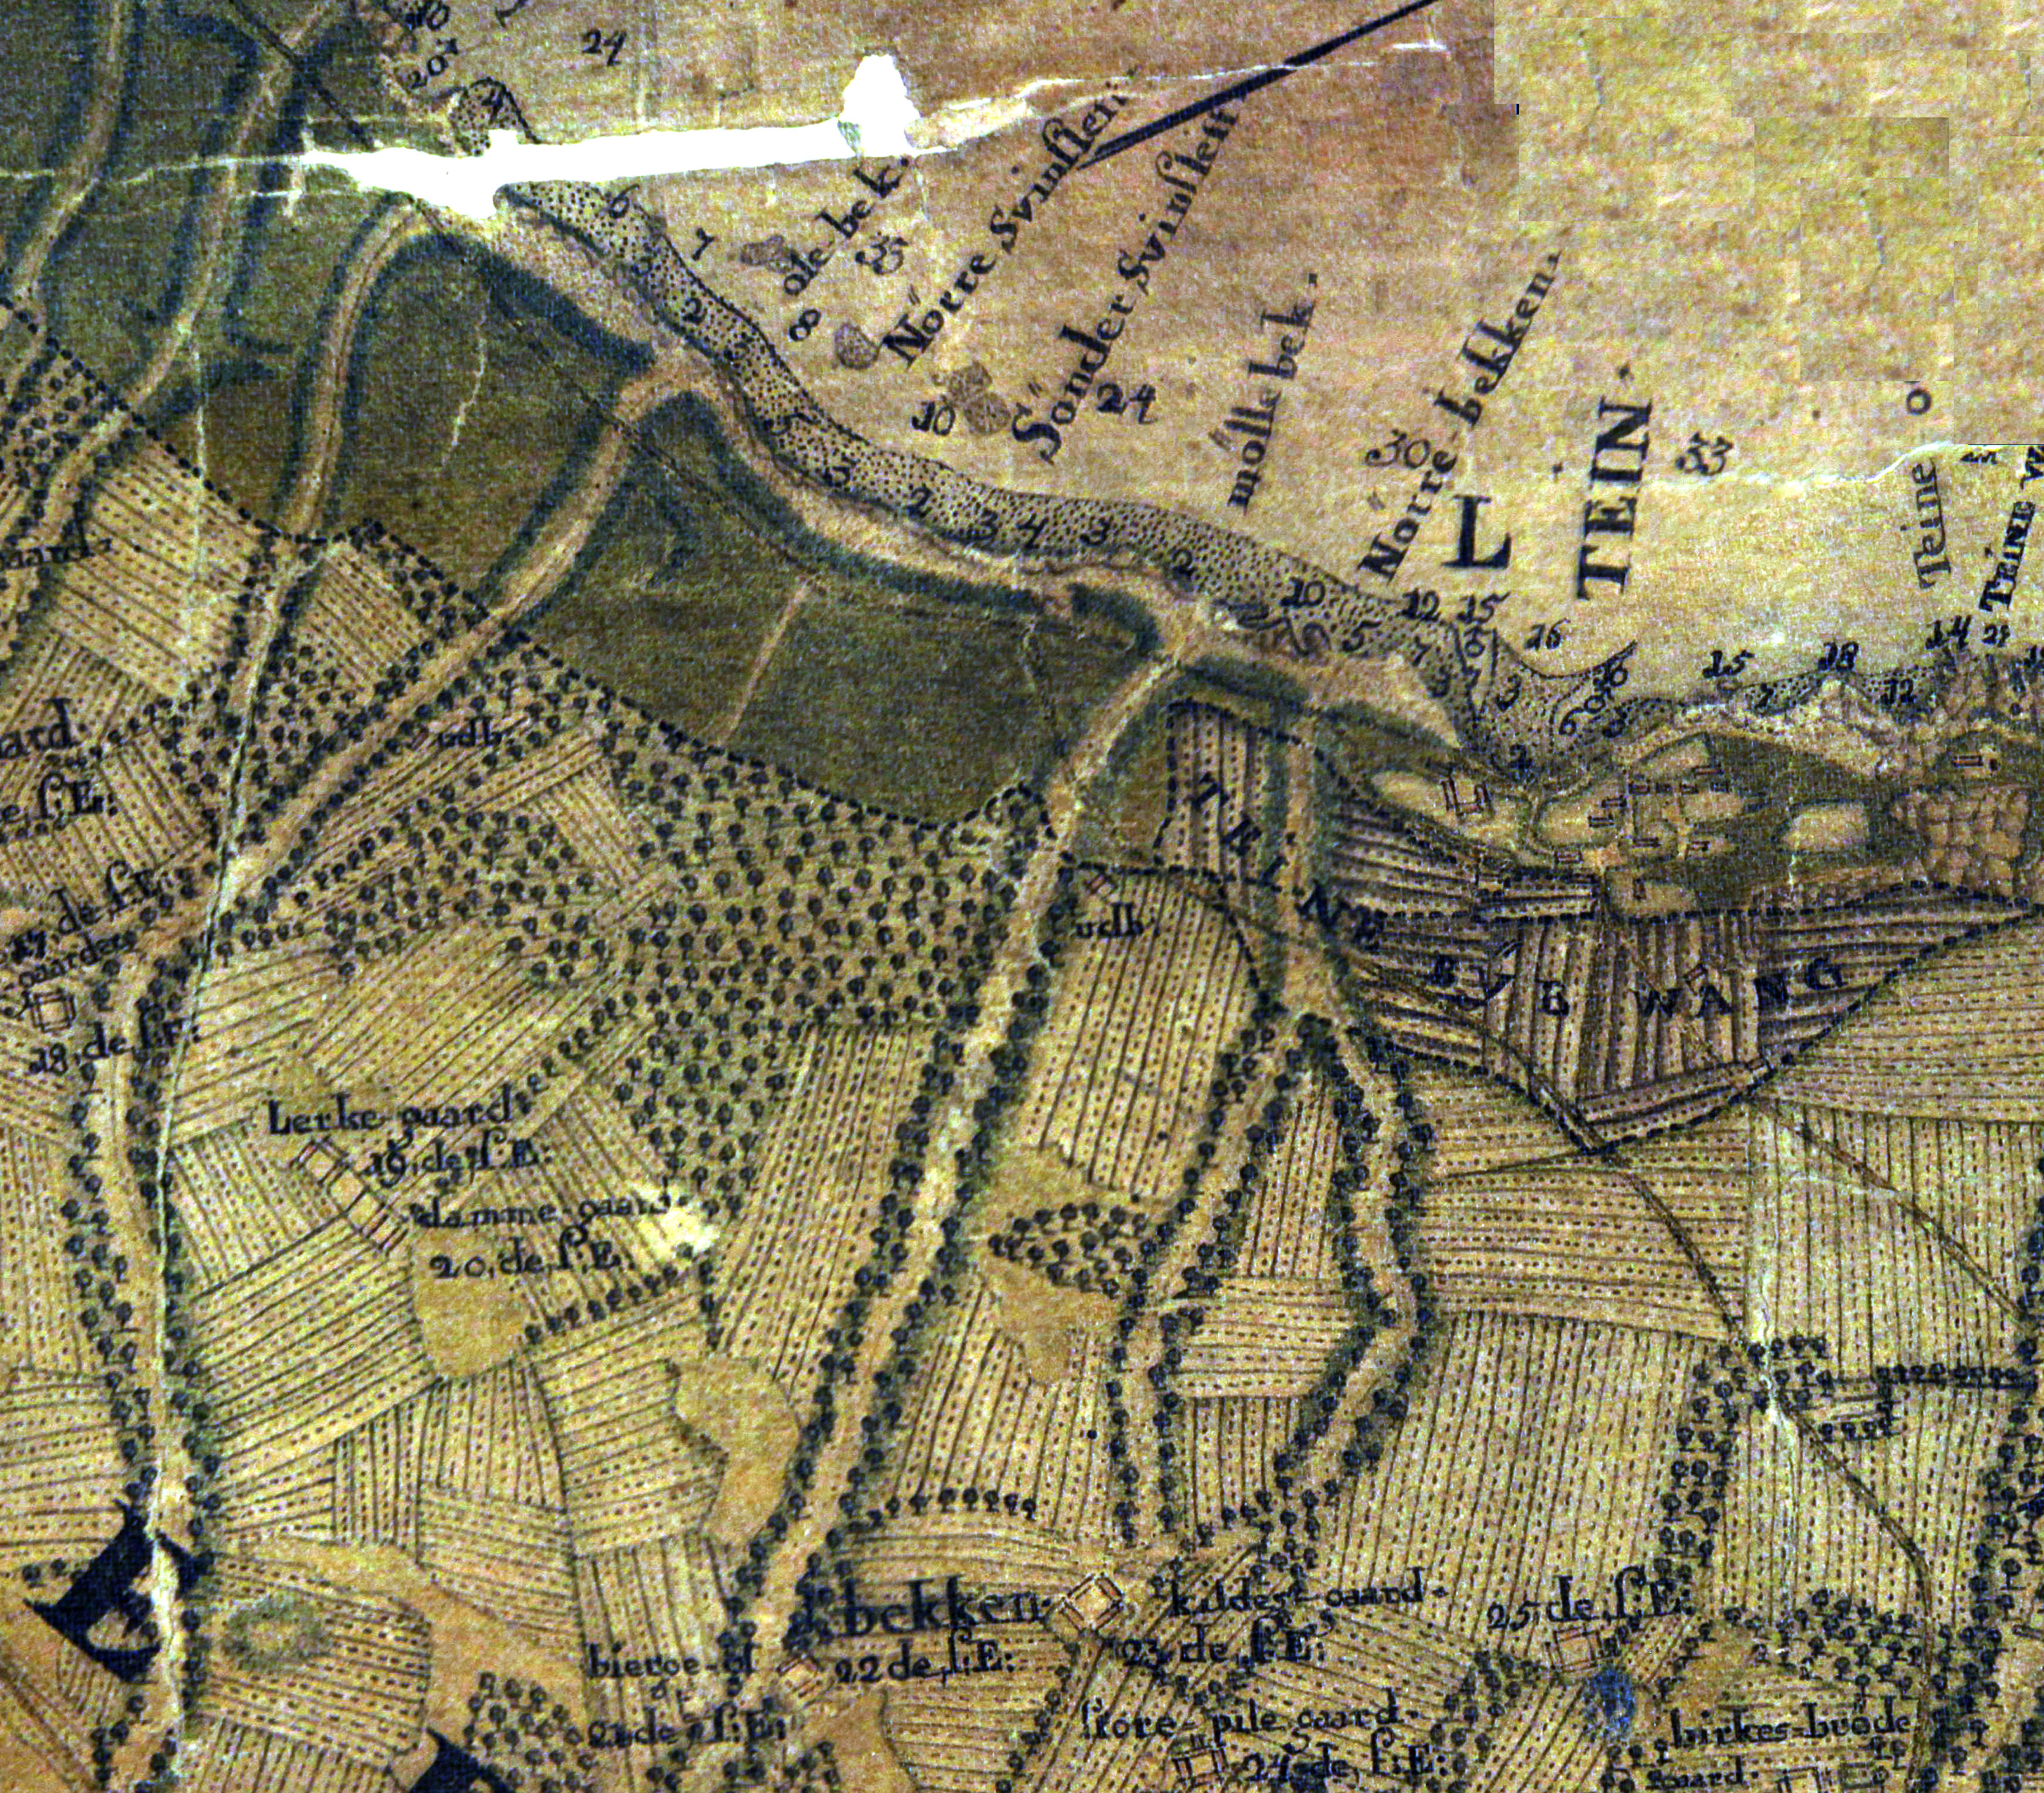 Kongelig biblioteks eksemplar af Hammers kort